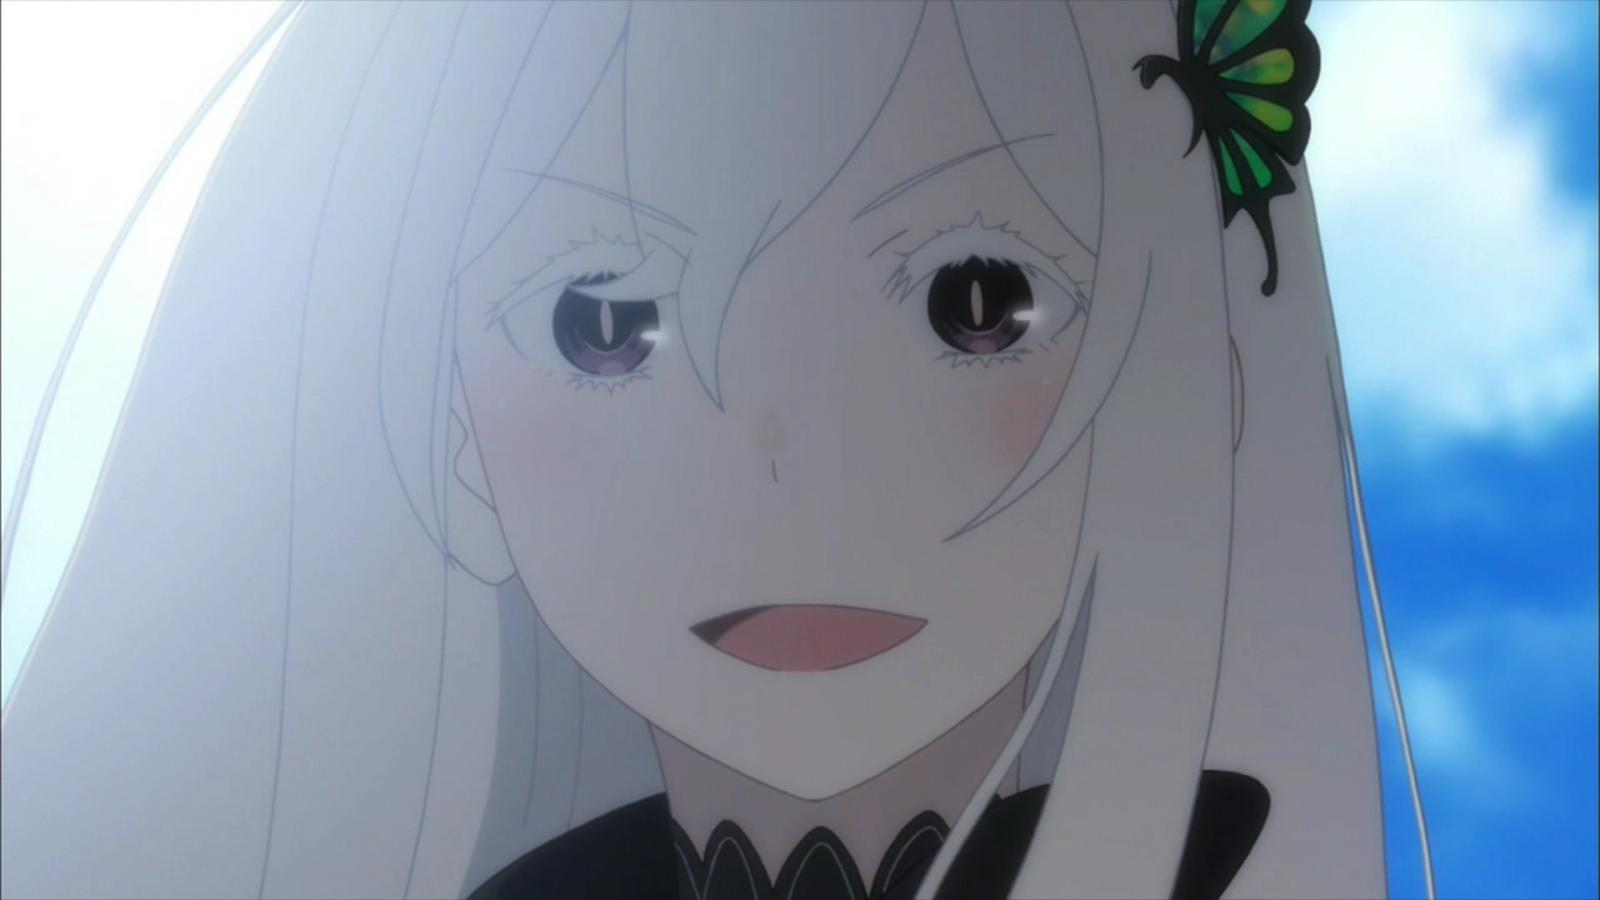 Re:Zero Kara Hajimeru Isekai Seikatsu Season 2 - Episode 2